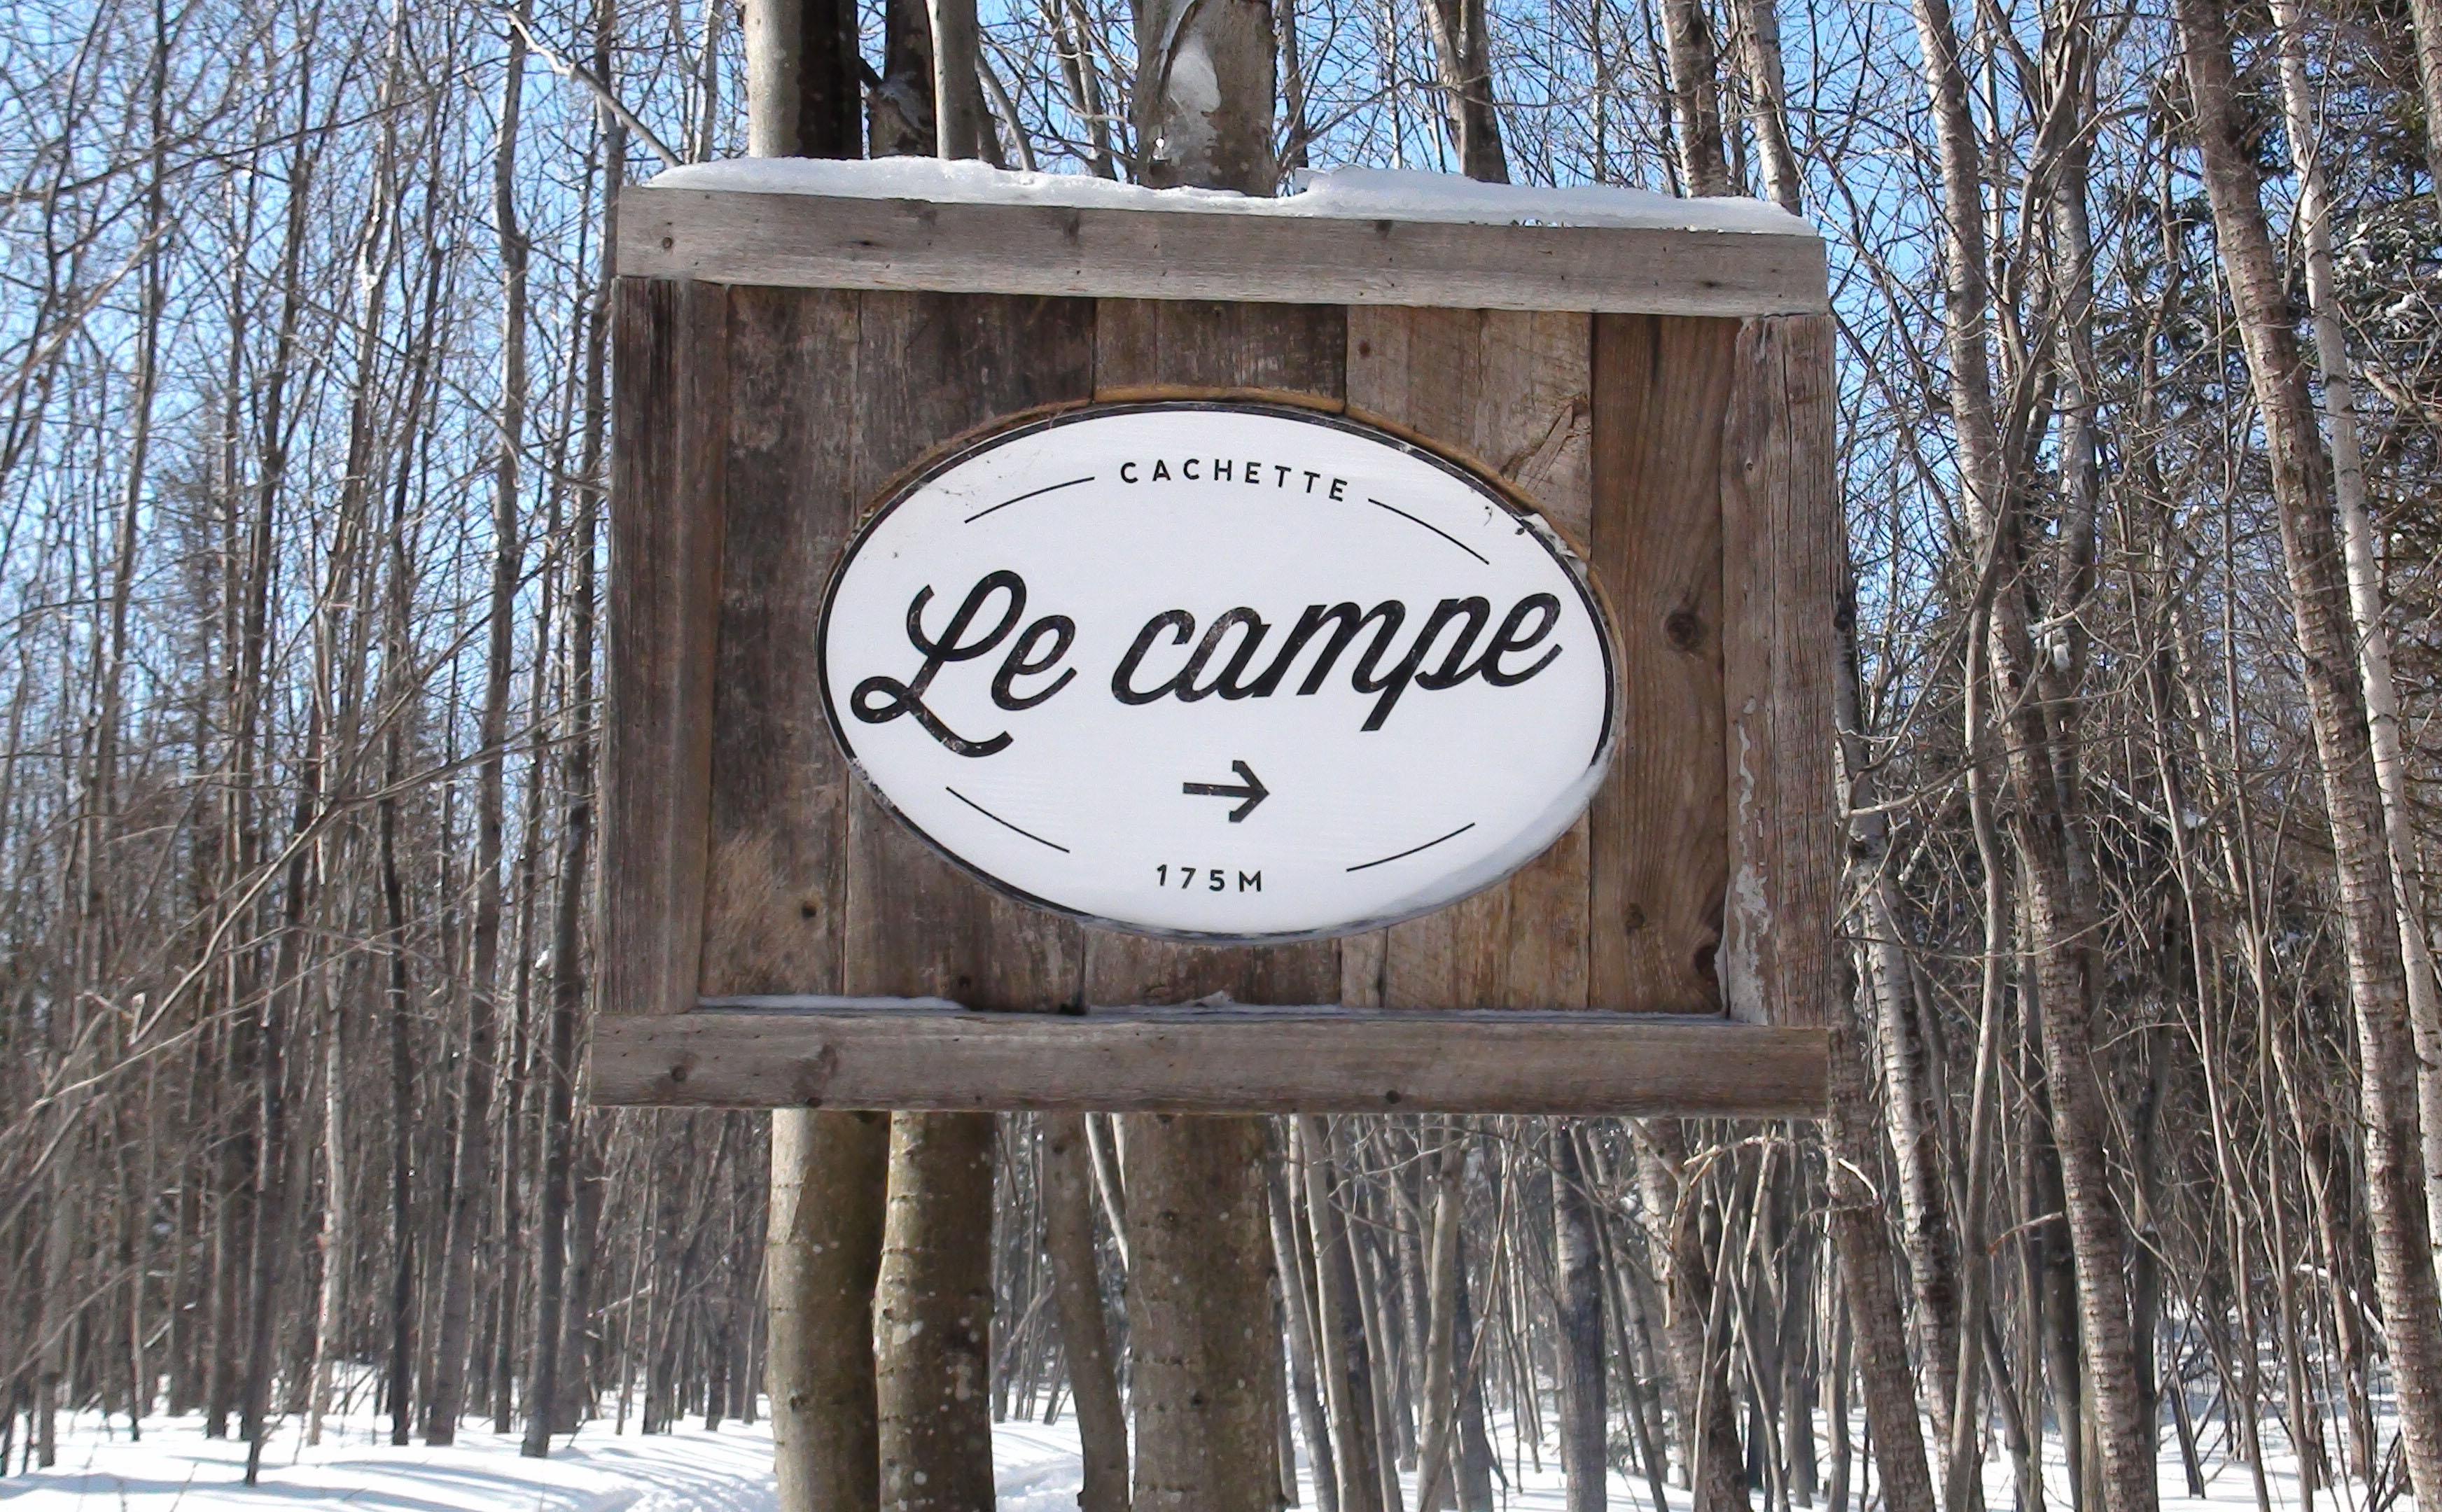 Indication pour se rendre au Campe